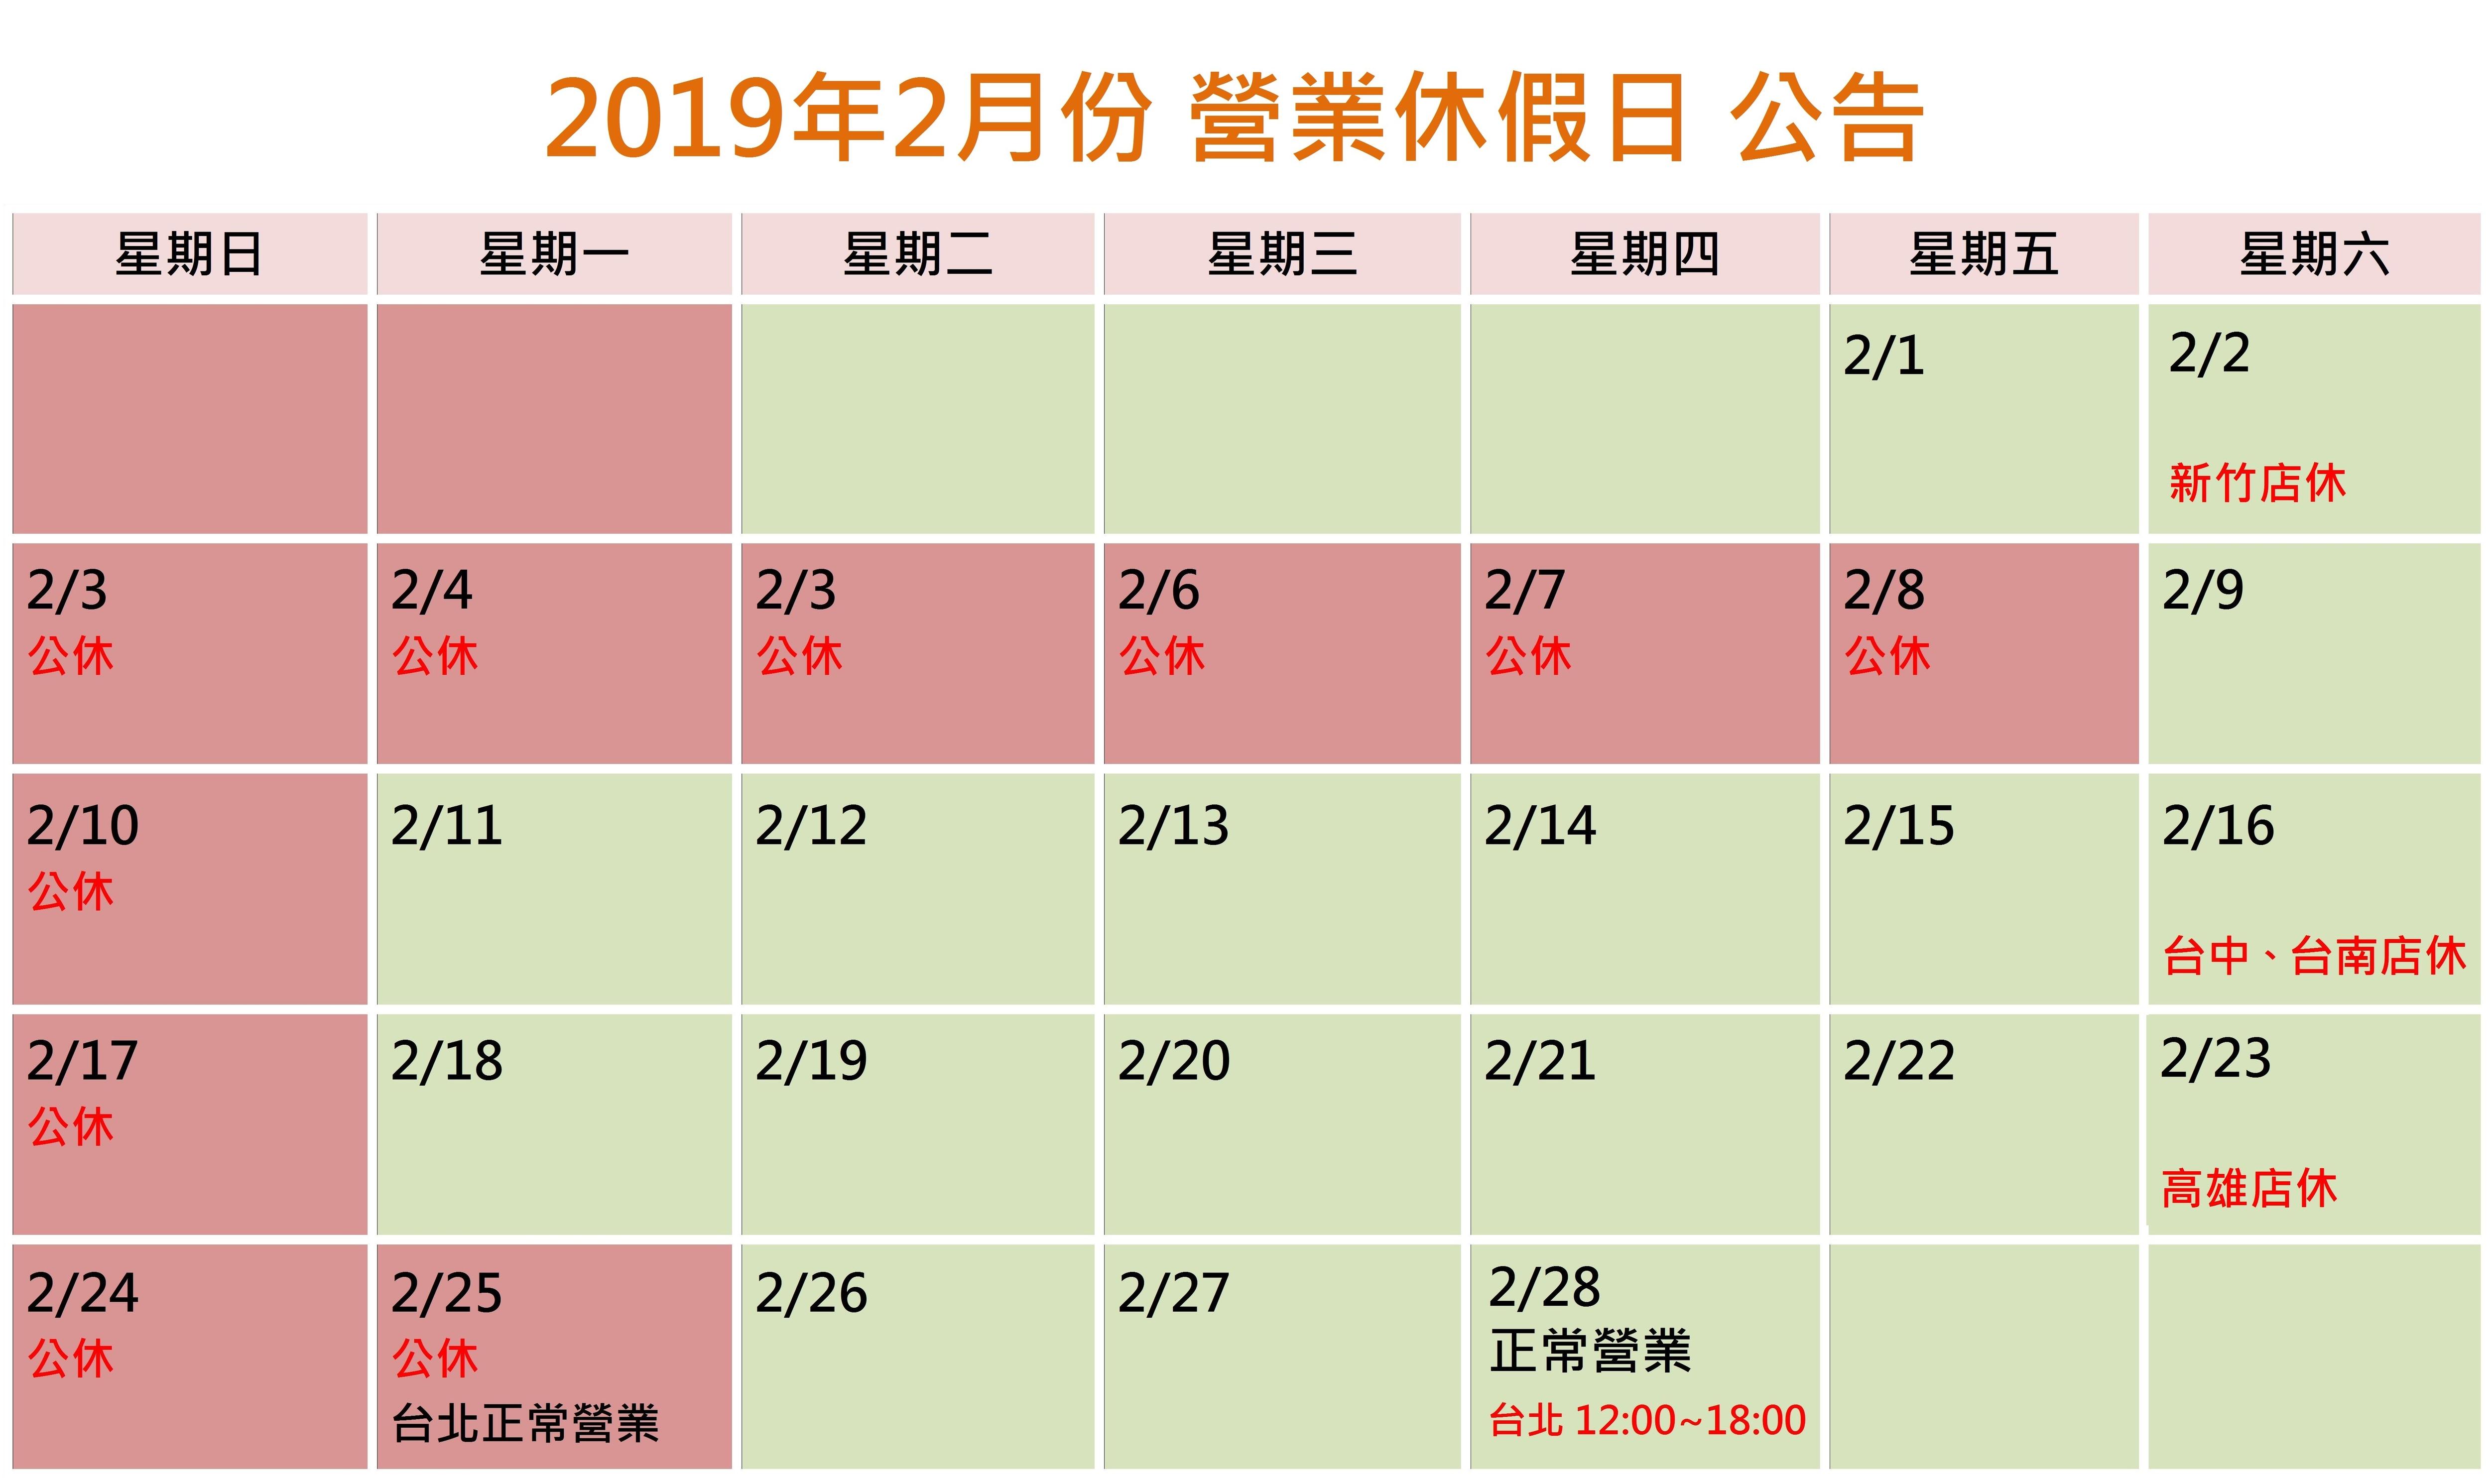 鴻宇光學門市2月營業休假日公告